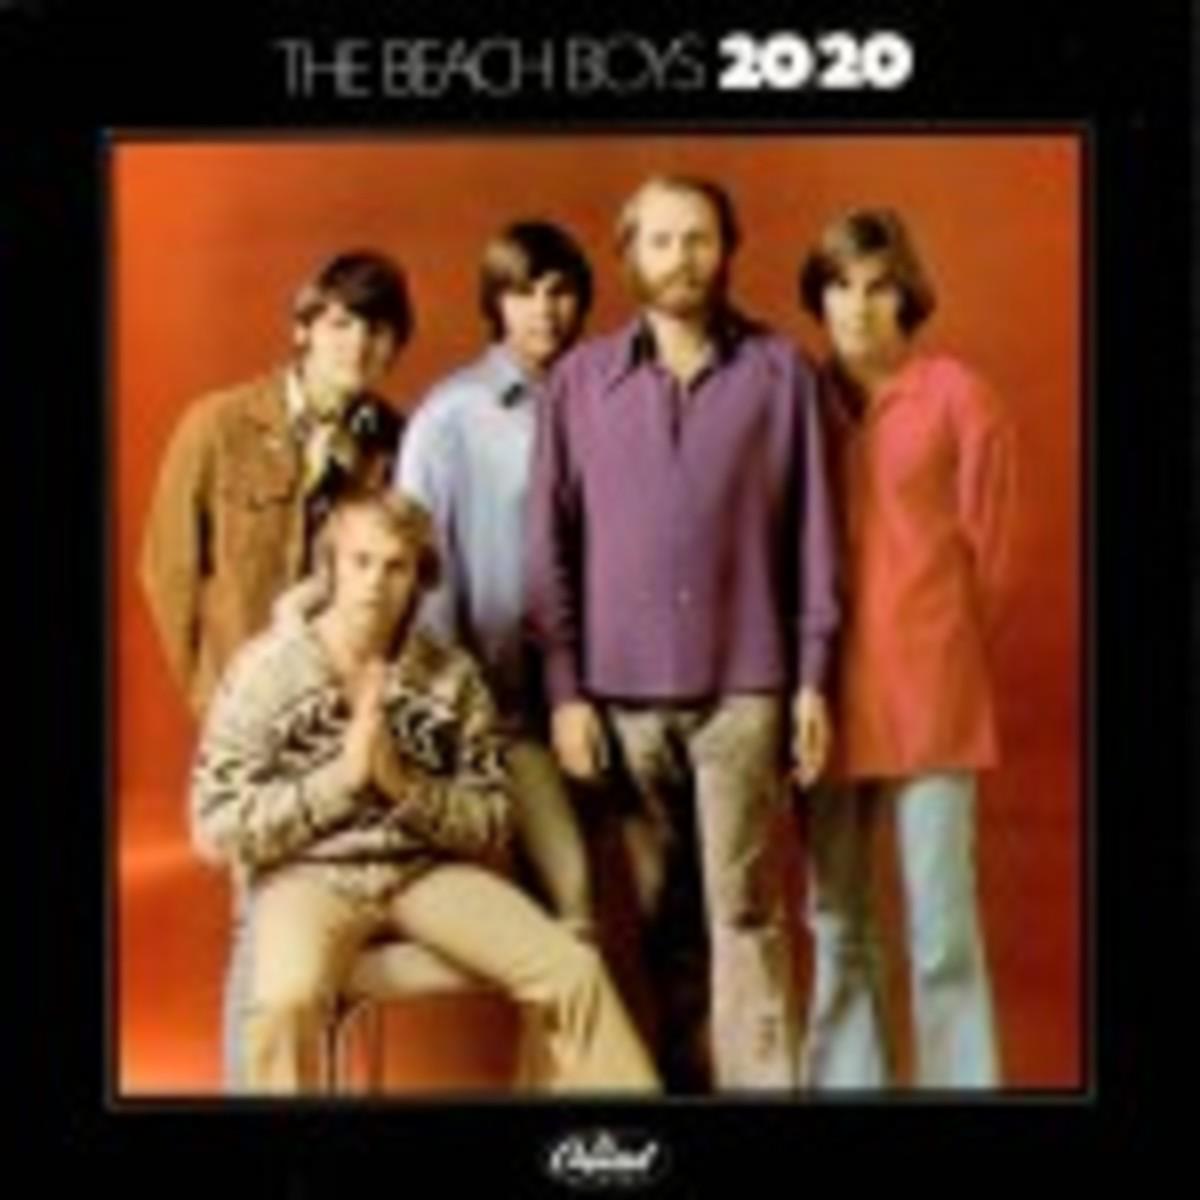 Beach Boys 20/20